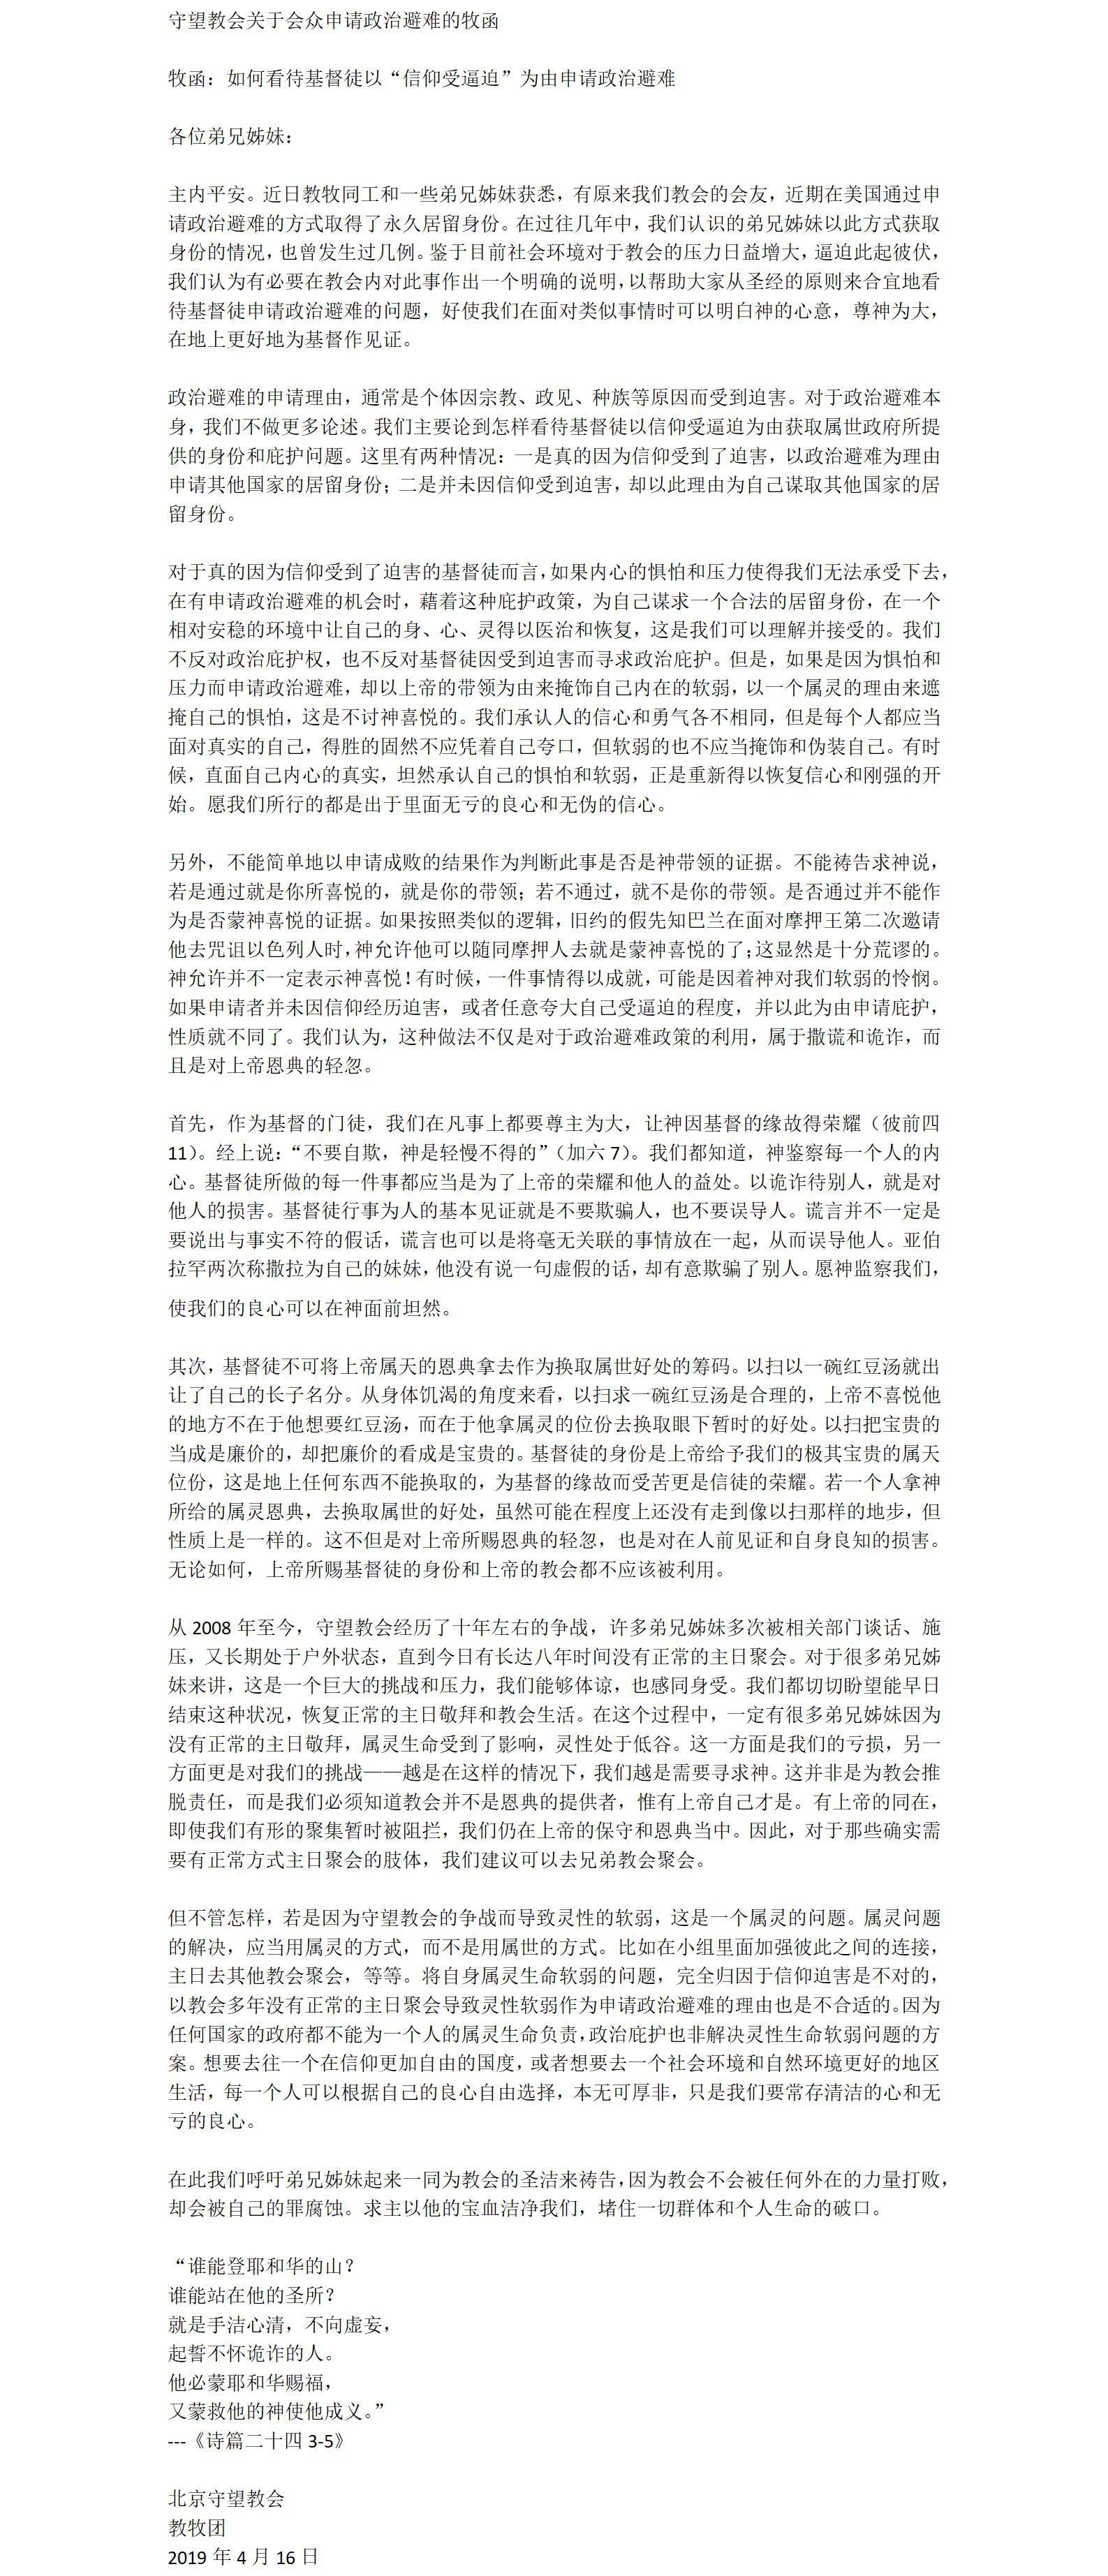 守望关于政治避难牧函.png